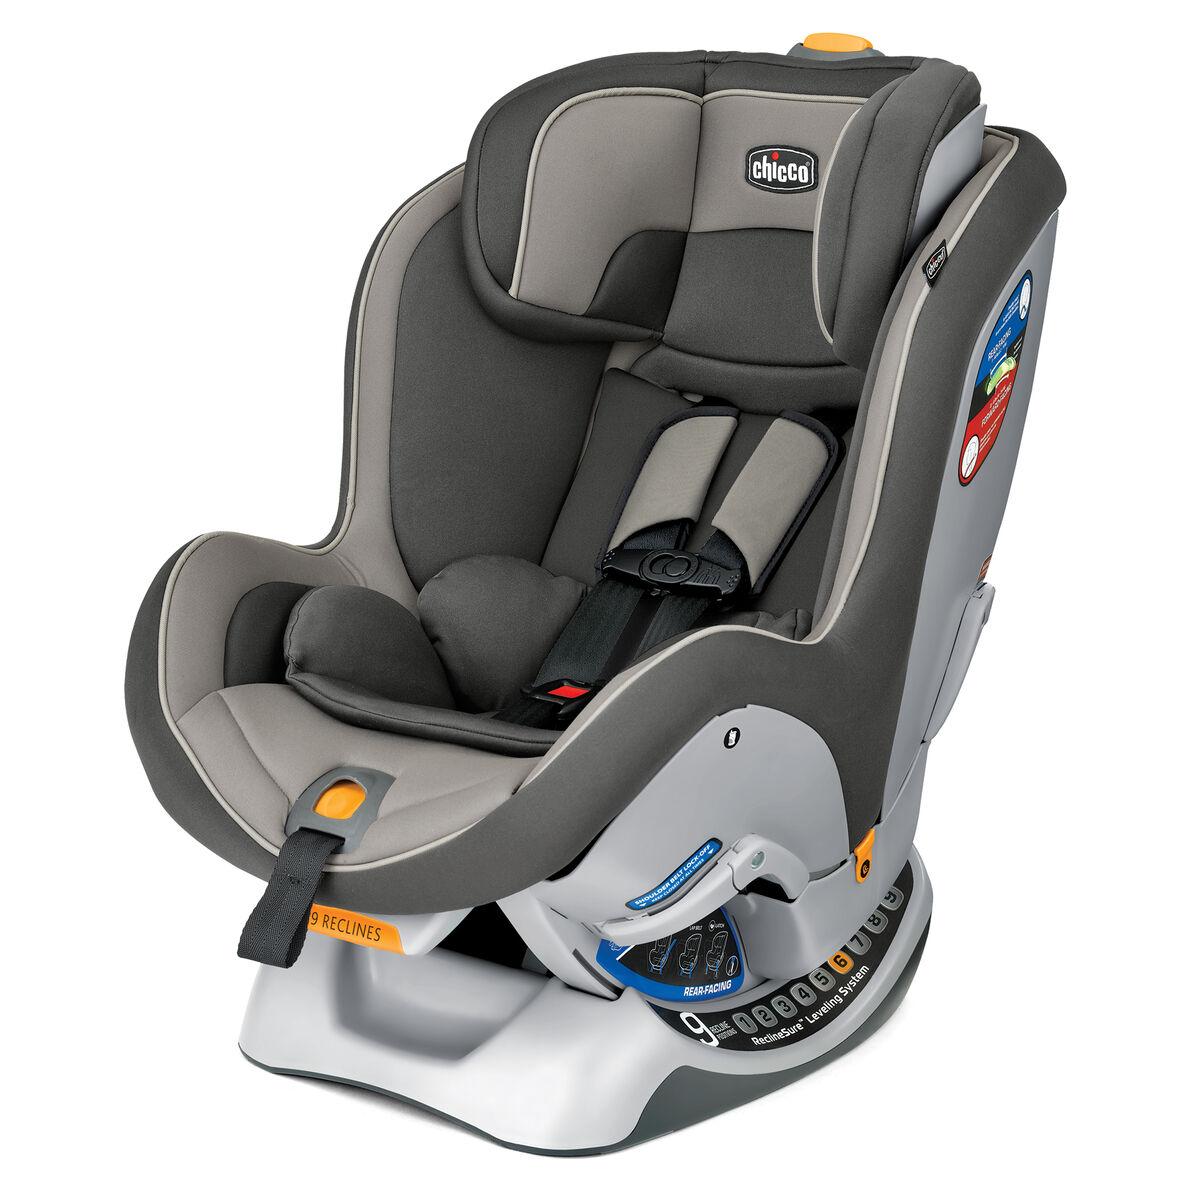 Nextfit convertible car seat infinitinextfit convertible car seat infiniti